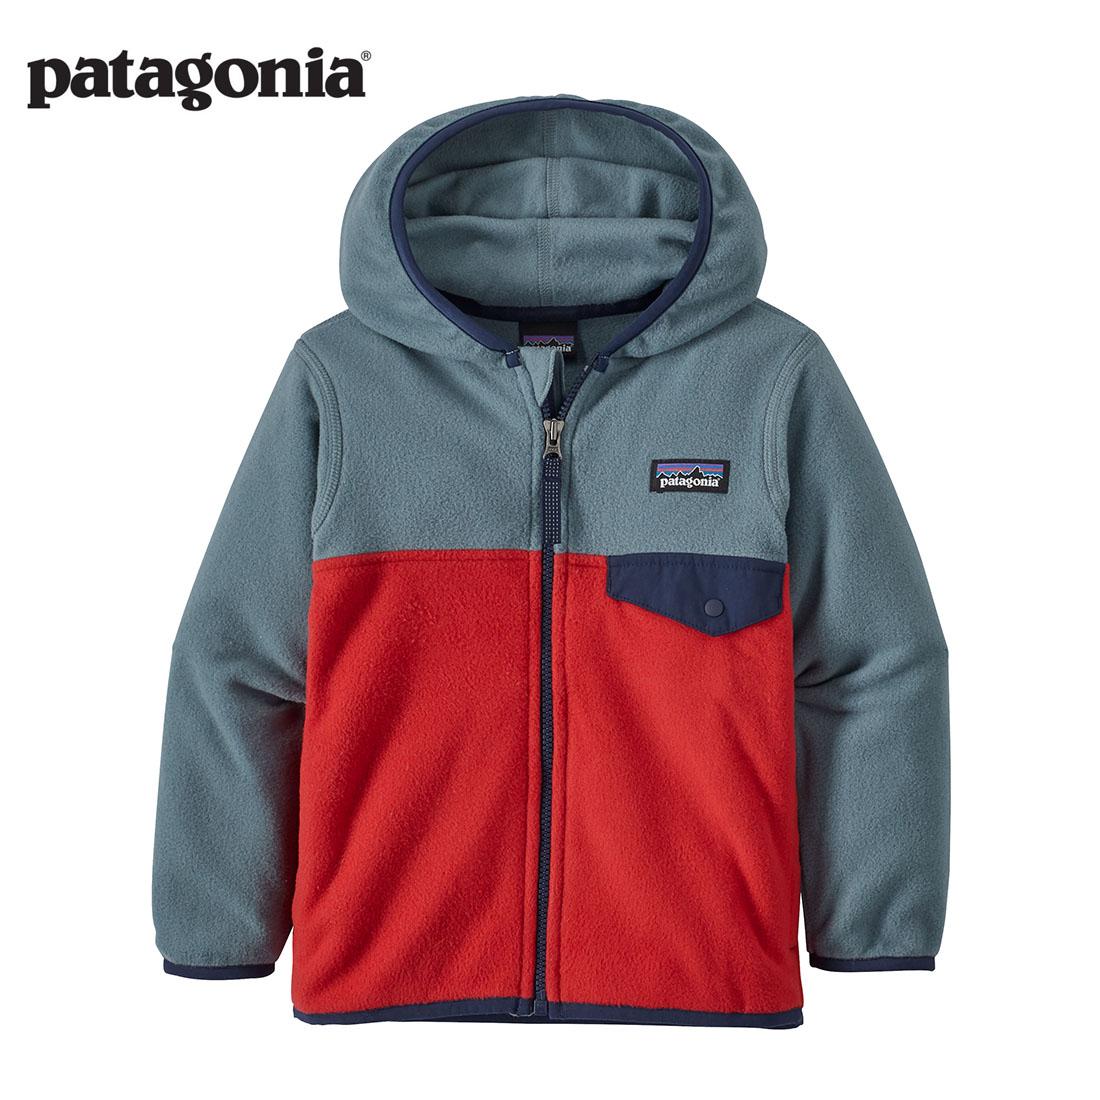 【送料無料】パタゴニア patagonia ベビー・マイクロD・スナップT・ジャケット(18M/18ヶ月)メール便不可 60155